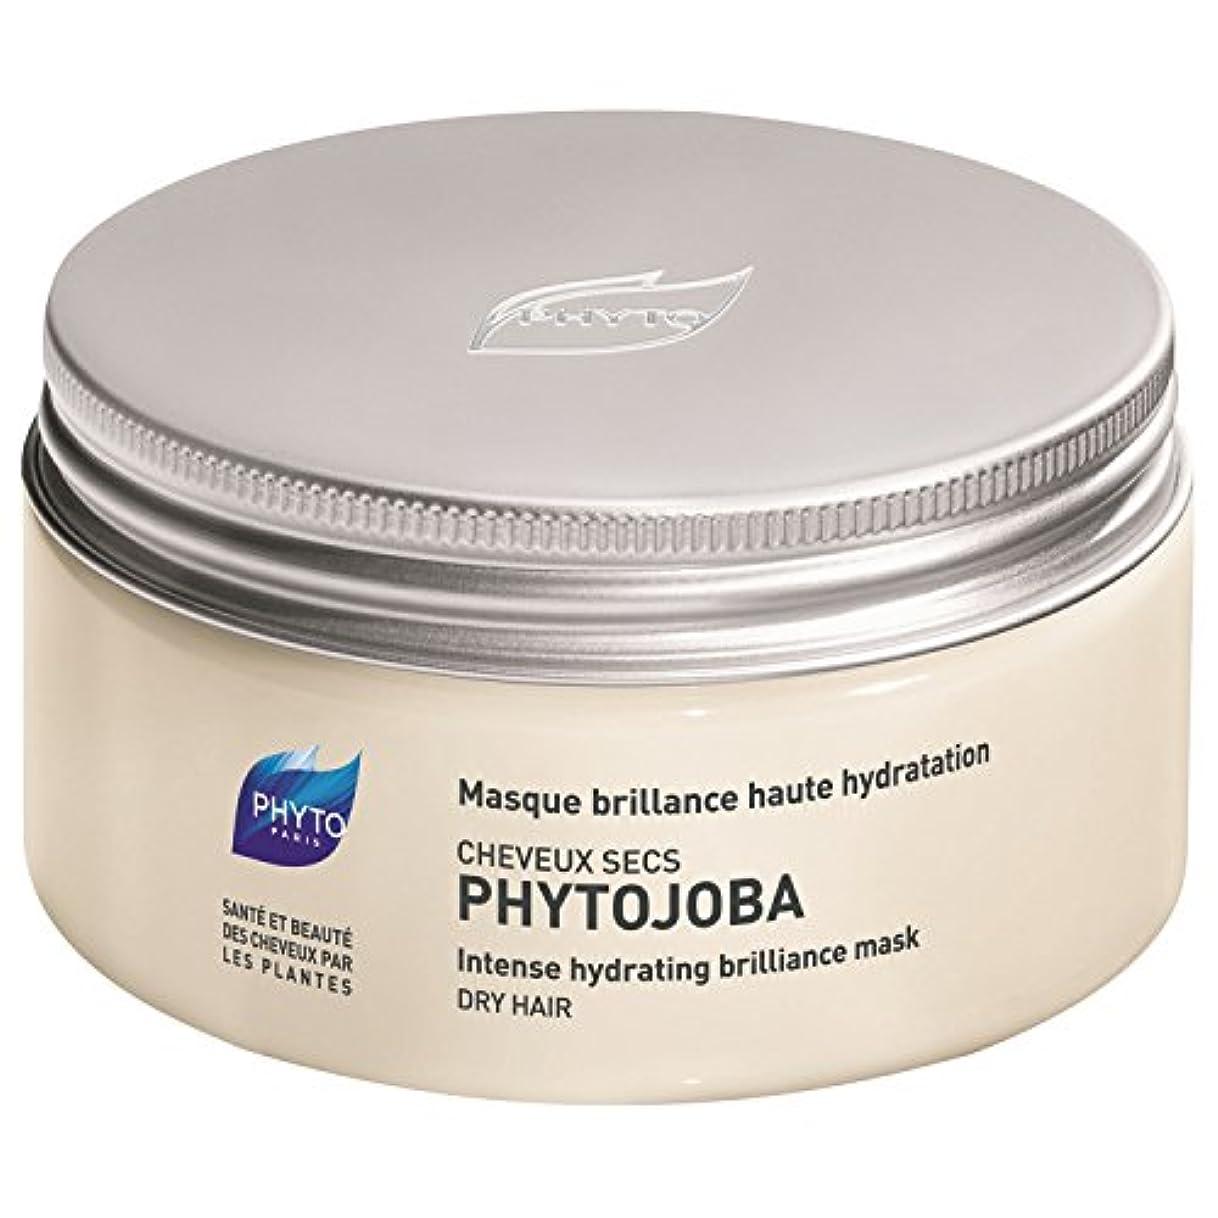 音楽を聴く移住する比較フィトPhytojoba強烈な水分補給マスク200ミリリットル (Phyto) (x2) - Phyto Phytojoba Intense Hydrating Mask 200ml (Pack of 2) [並行輸入品]